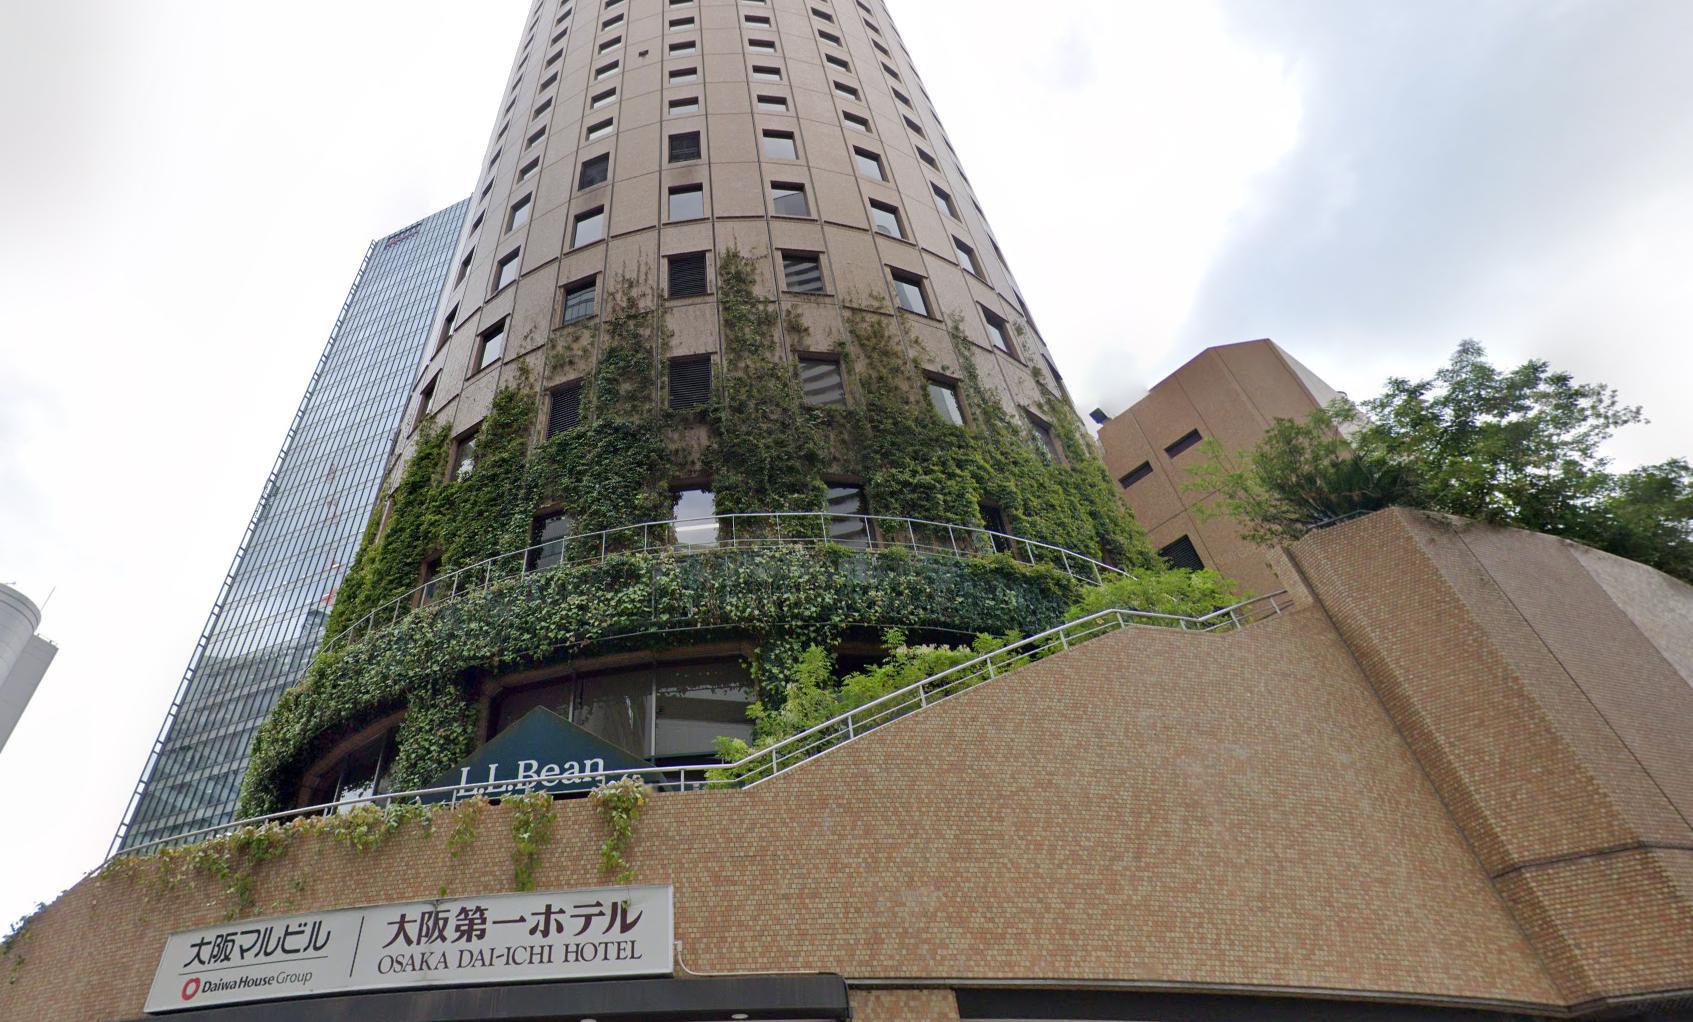 梅田の占い タロットが当たる「大阪マルビル 魔女の家」カナタ・ララ先生